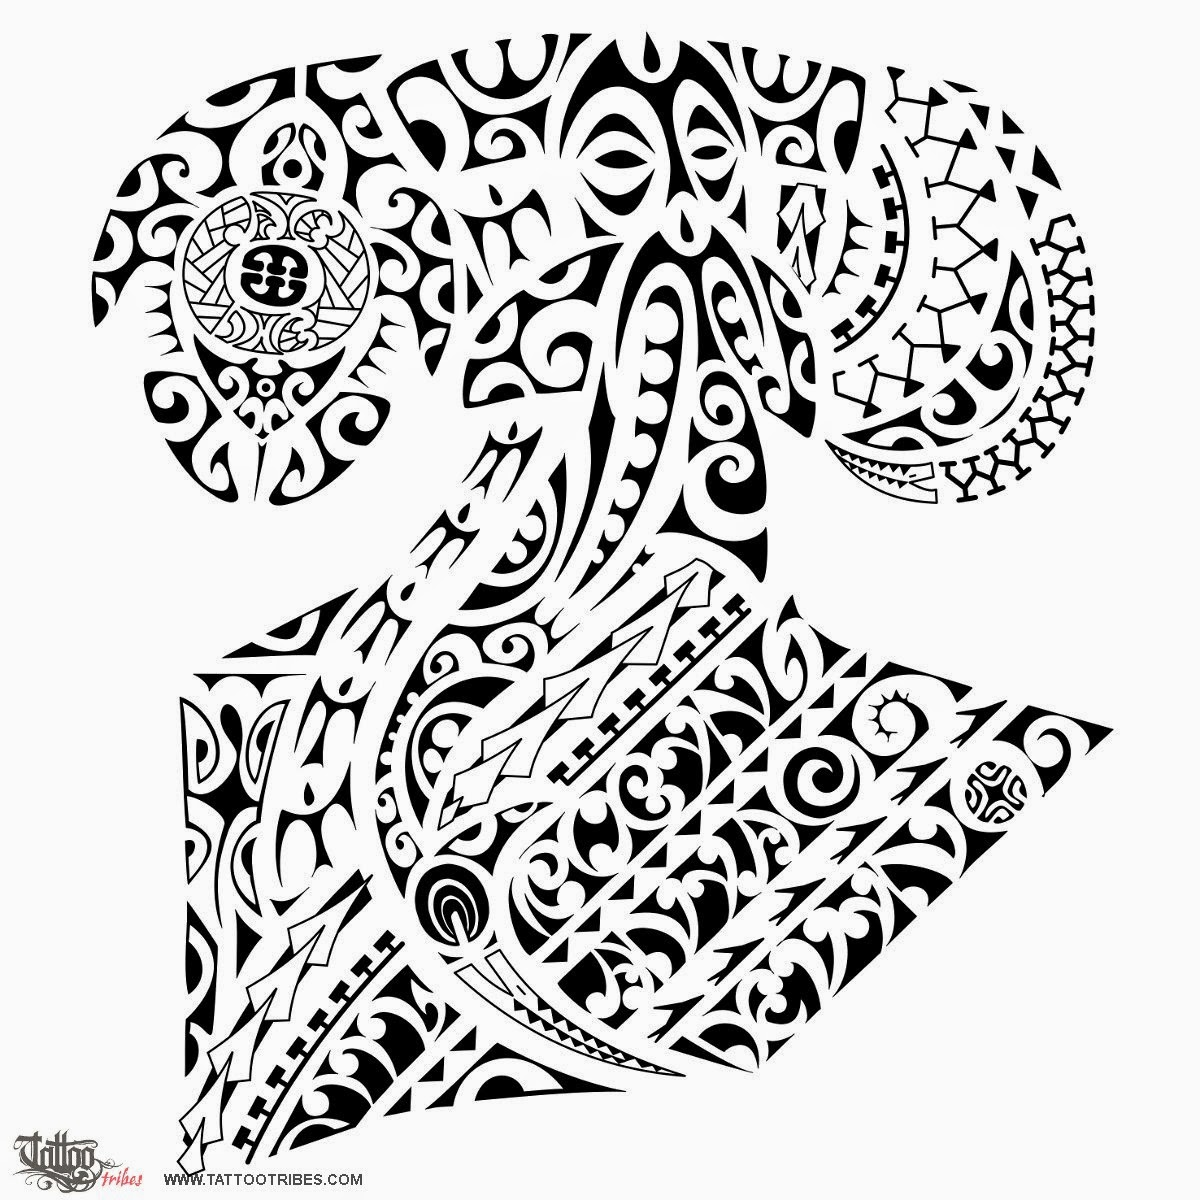 Maori Tattoo Design Wallpaper Wp300369: GRIFFE TATTOO: Tattoo Maori E Tribal Só As Top Mlk